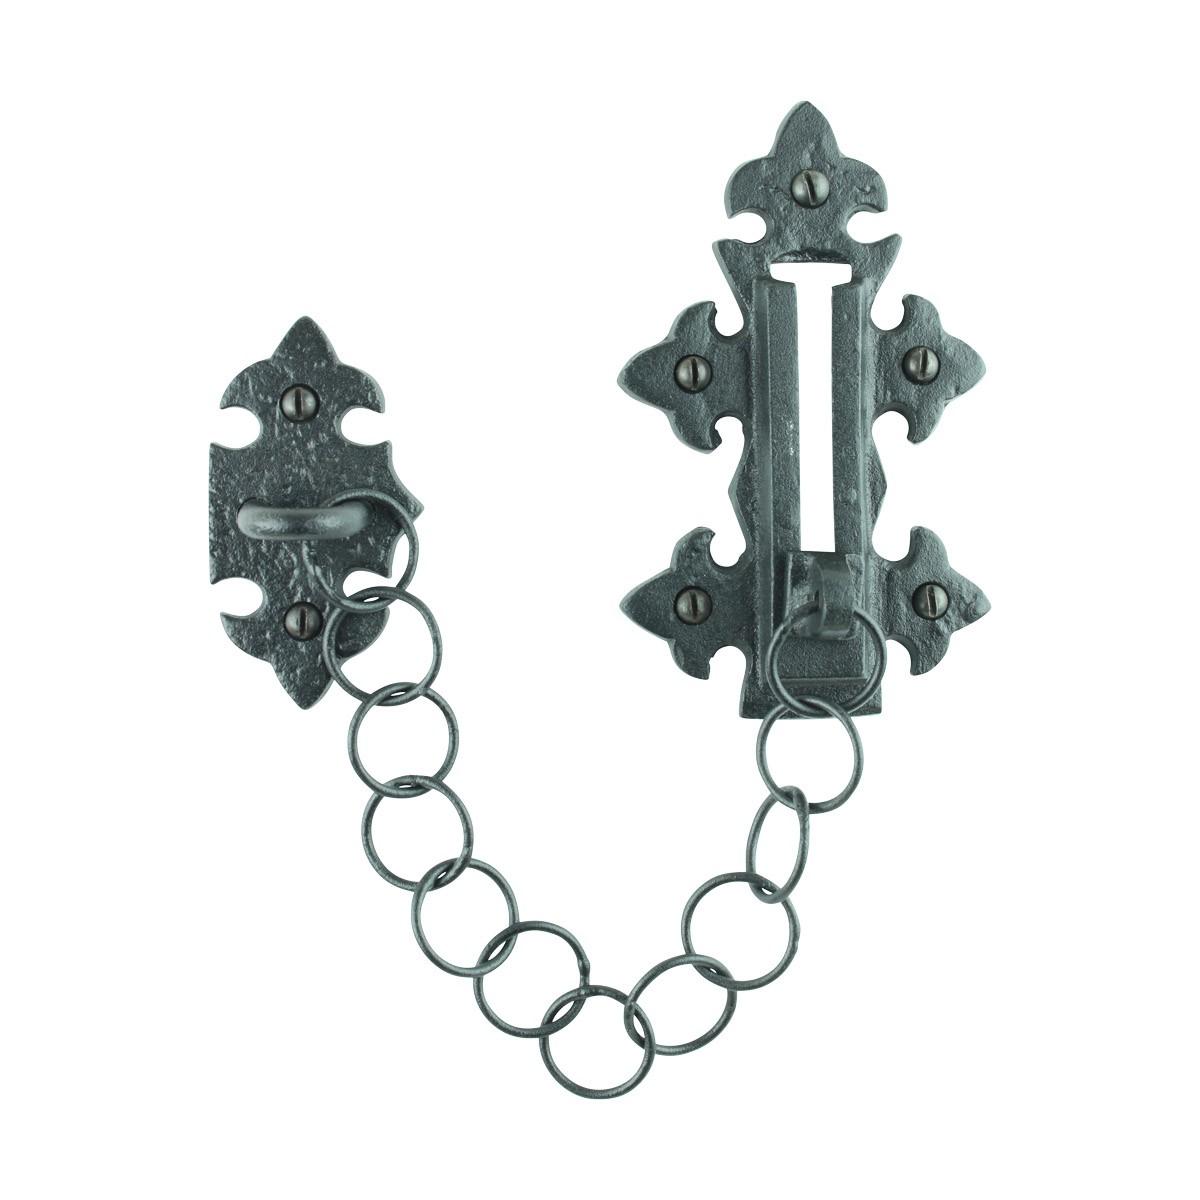 4 Chain Door Locks Black Wrought Iron Rustproof Set of 4 Door Bolt Door Bolts Slide Bolts